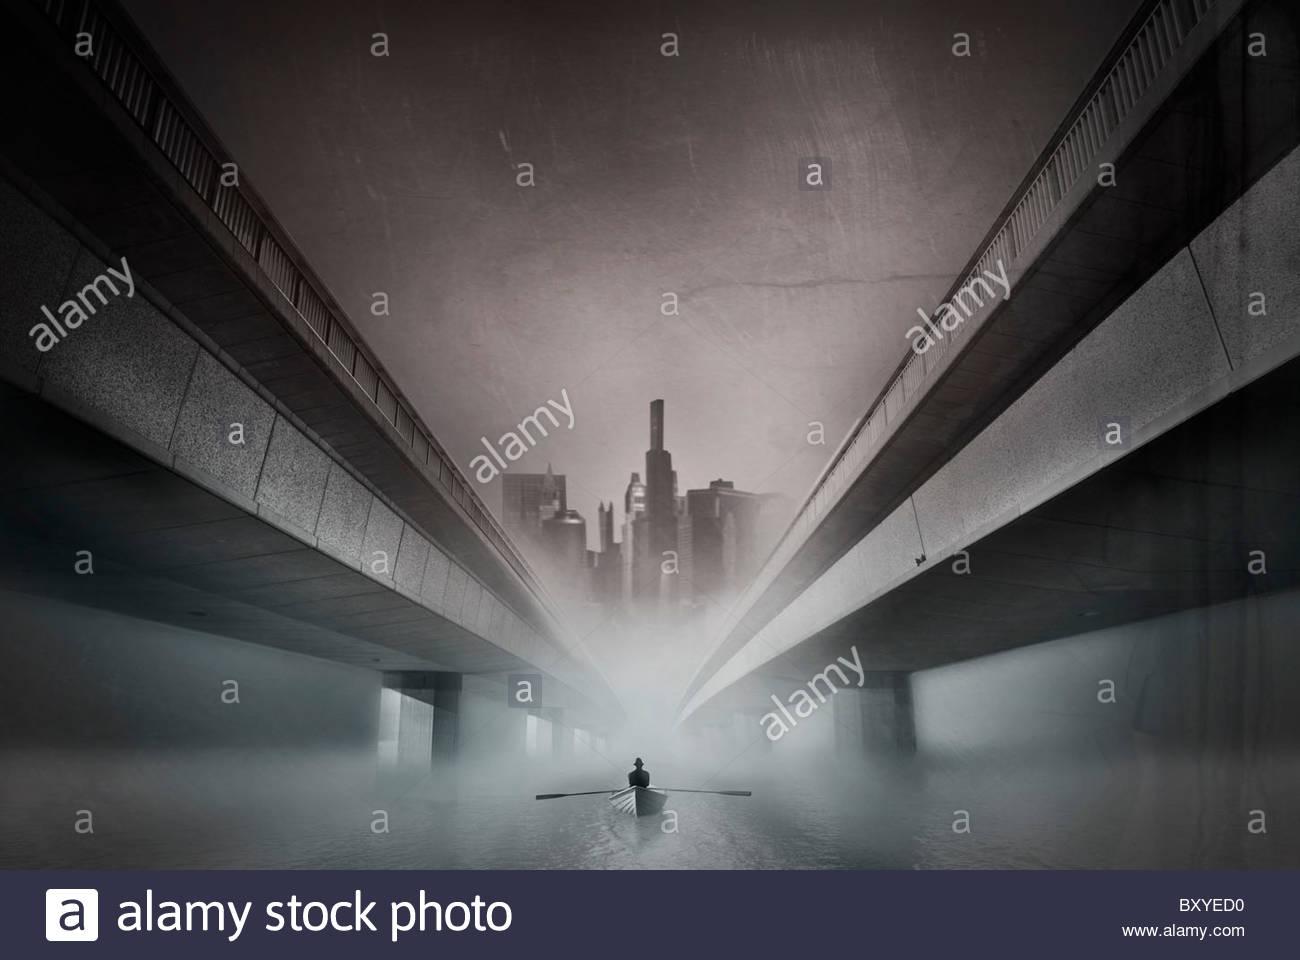 Immagine concettuale della figura maschile remare una barca in un ambiente urbano Immagini Stock